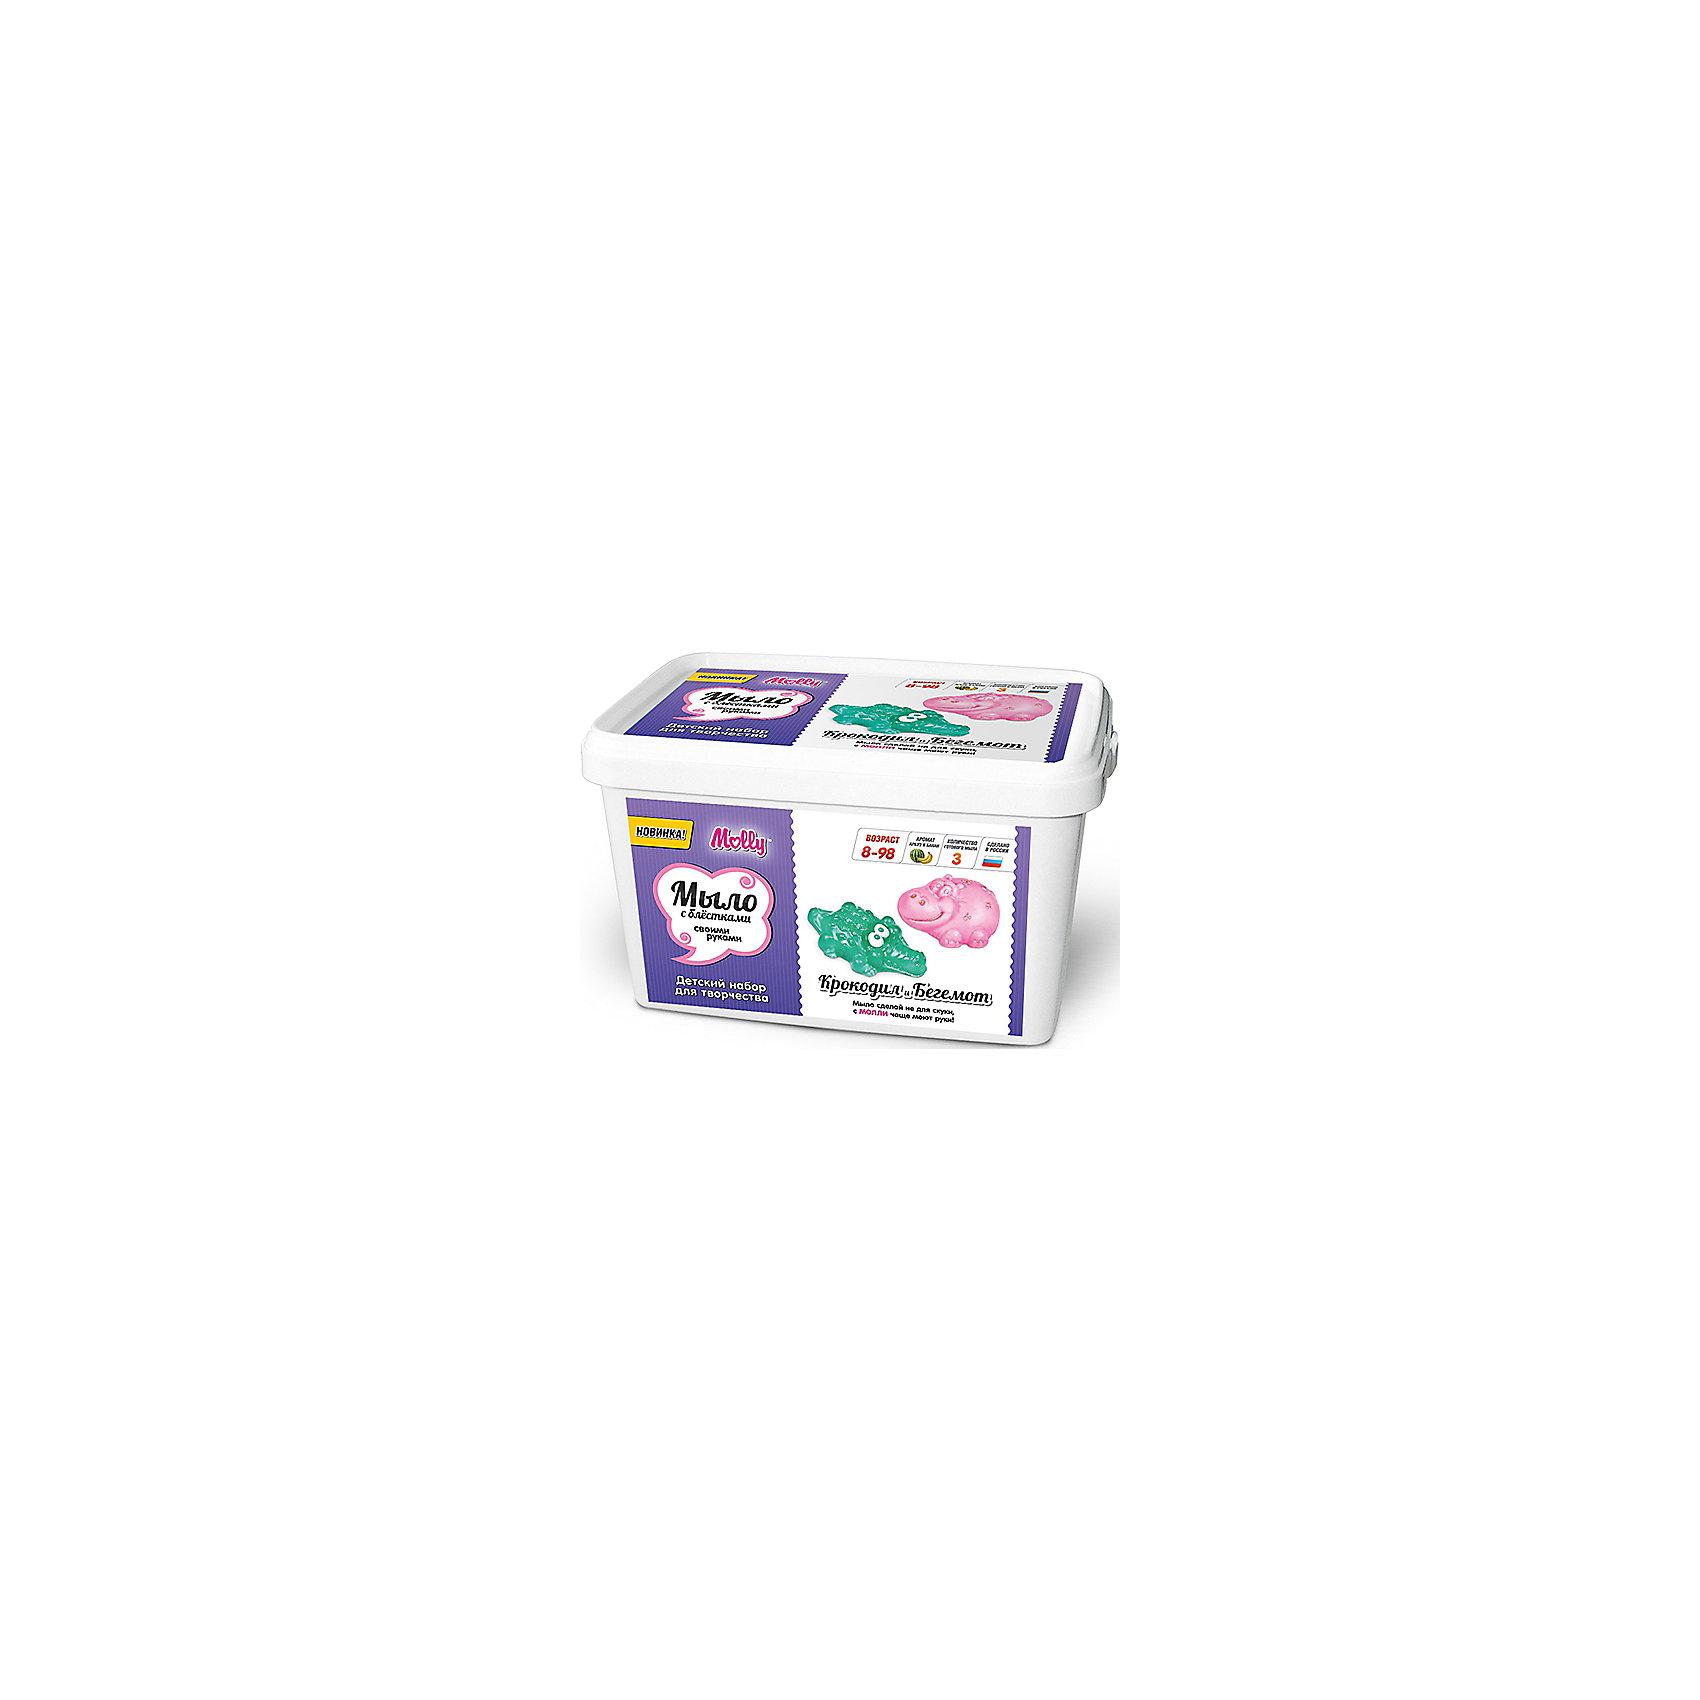 Мыло своими руками Крокодил и бегемотОригинальное тематическое мыло, которое можно создать своими руками. В состав набора входит: мыльная основа 200гр., 2 красителя, 2 ароматизатора, 2 формы для мыла, емкость для плавления мыльной основы, одноразовые перчатки и подробная инструкция.<br><br>Ширина мм: 20<br>Глубина мм: 13<br>Высота мм: 11<br>Вес г: 380<br>Возраст от месяцев: 96<br>Возраст до месяцев: 144<br>Пол: Унисекс<br>Возраст: Детский<br>SKU: 5115172